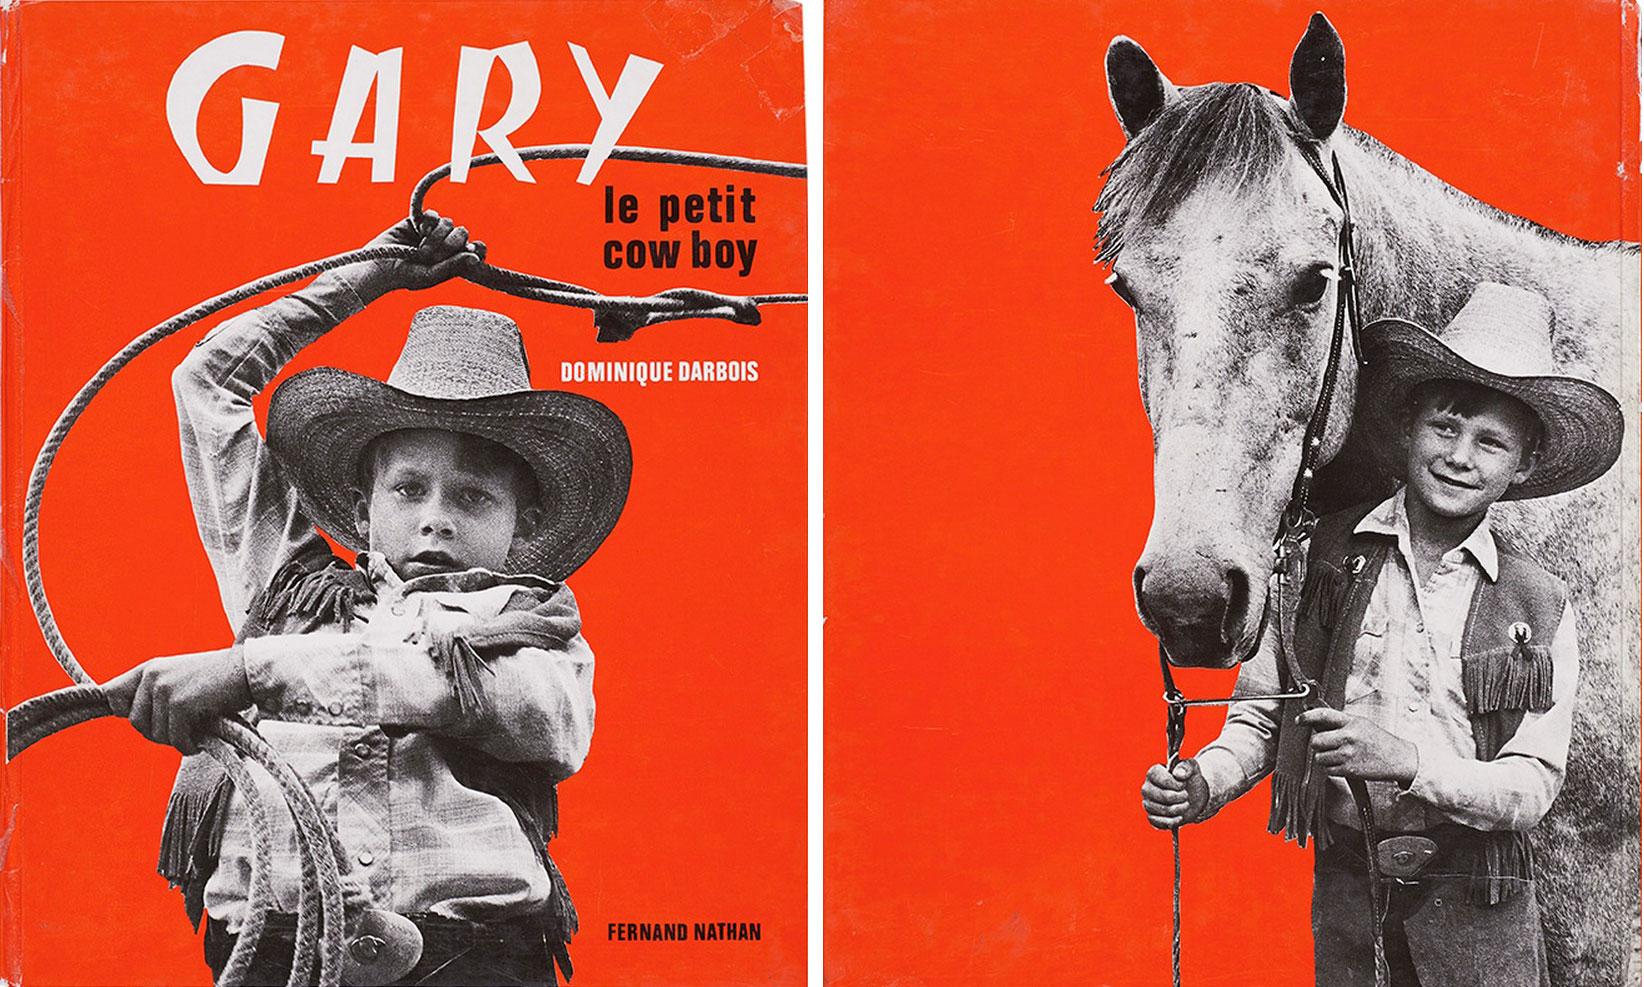 dominique-darbois-livre-collection-enfants-du-monde-graphisme-gary-le-petit-cow-boy